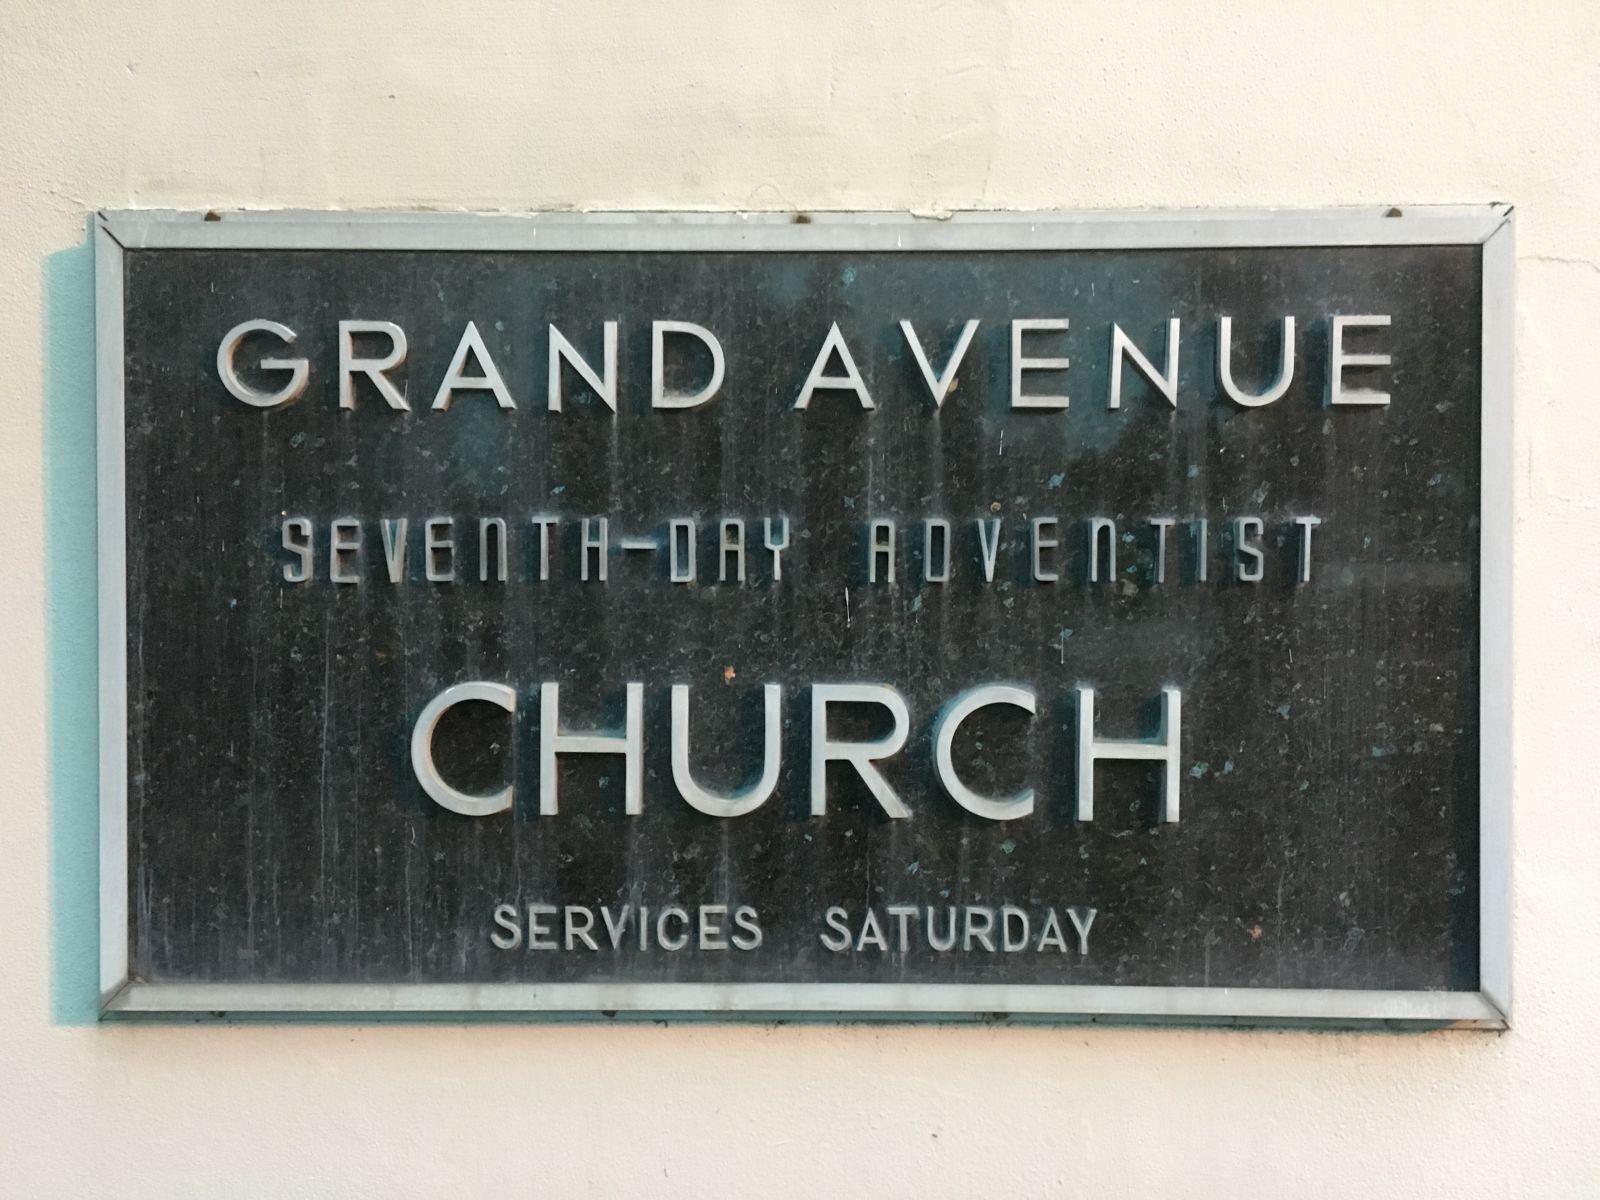 Grand Avenue Seventh-Day Adventist